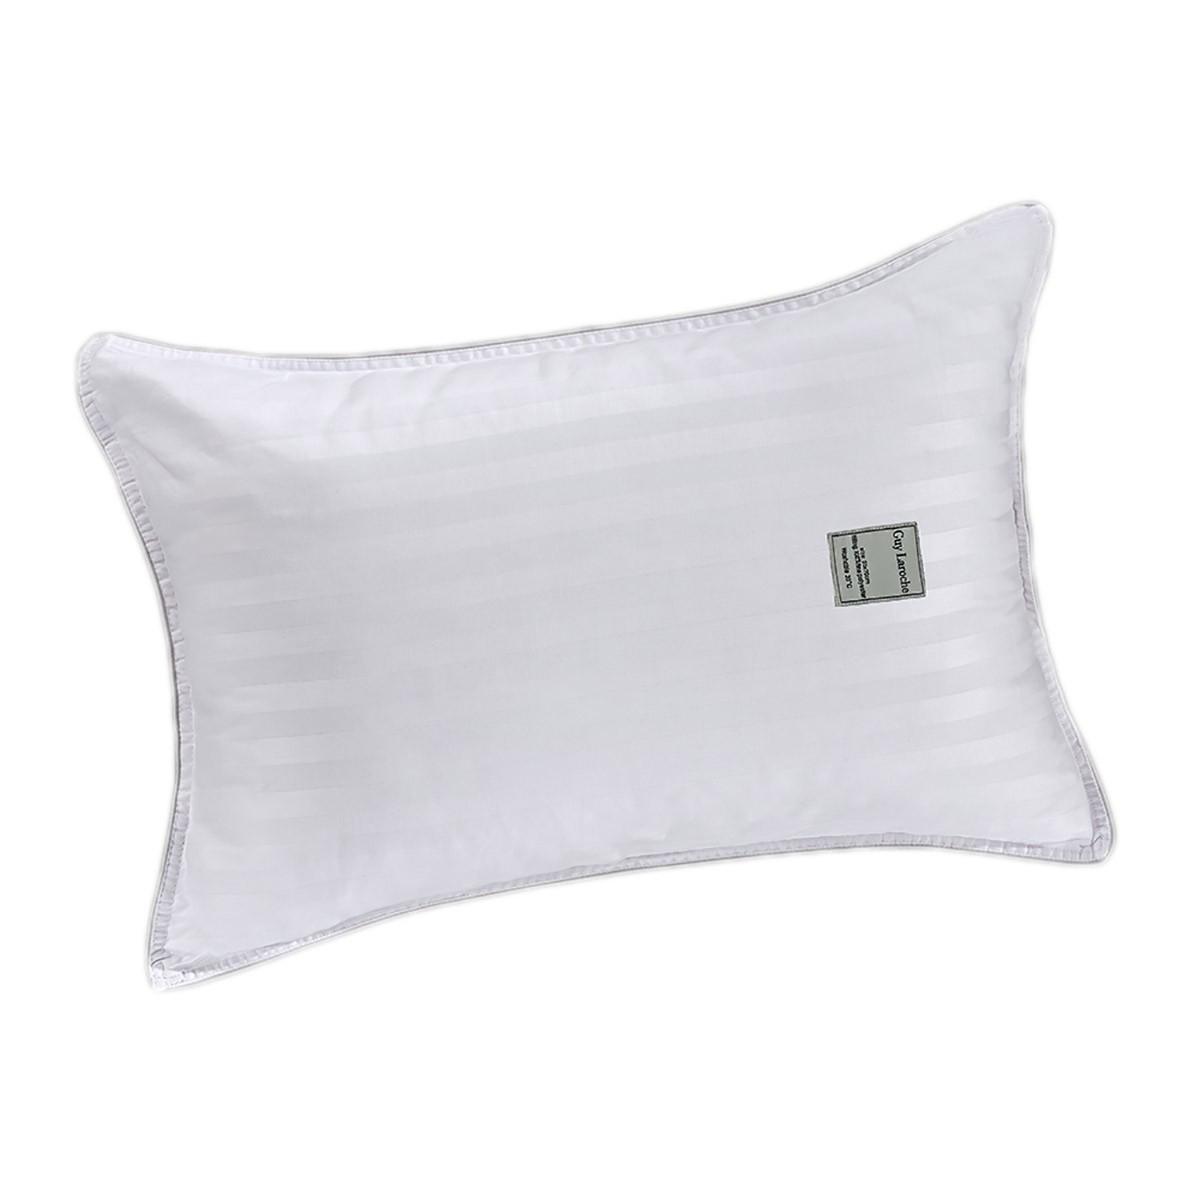 Μαξιλάρι Ύπνου Guy Laroche Easy Fit Firm